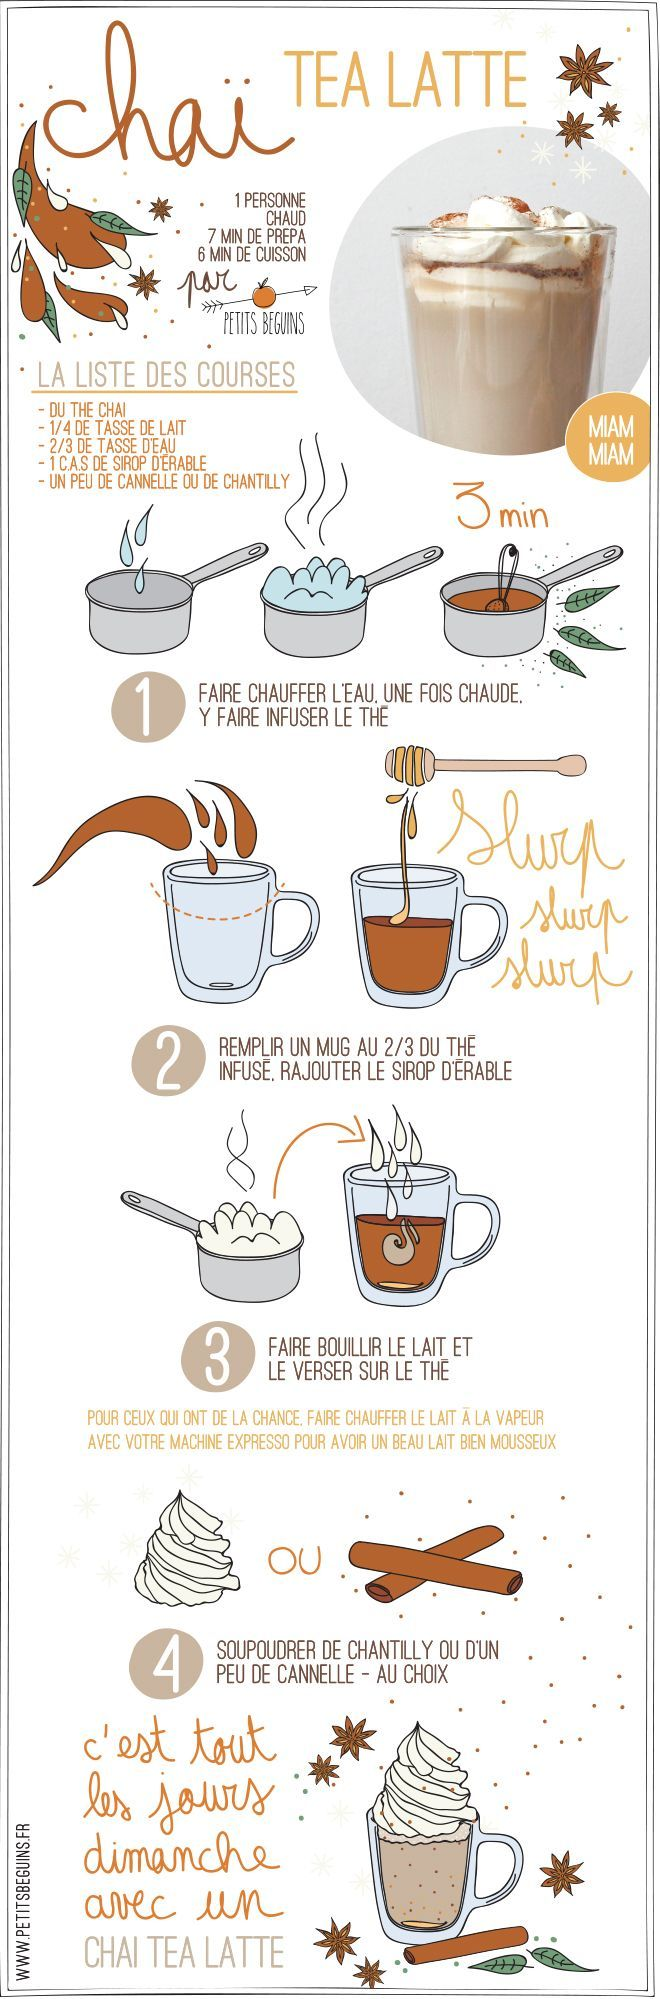 Chai tea latte - Boisson chaude - Petits Béguins #salondethé #LePausLecture 45 grande rue #Sens 89: